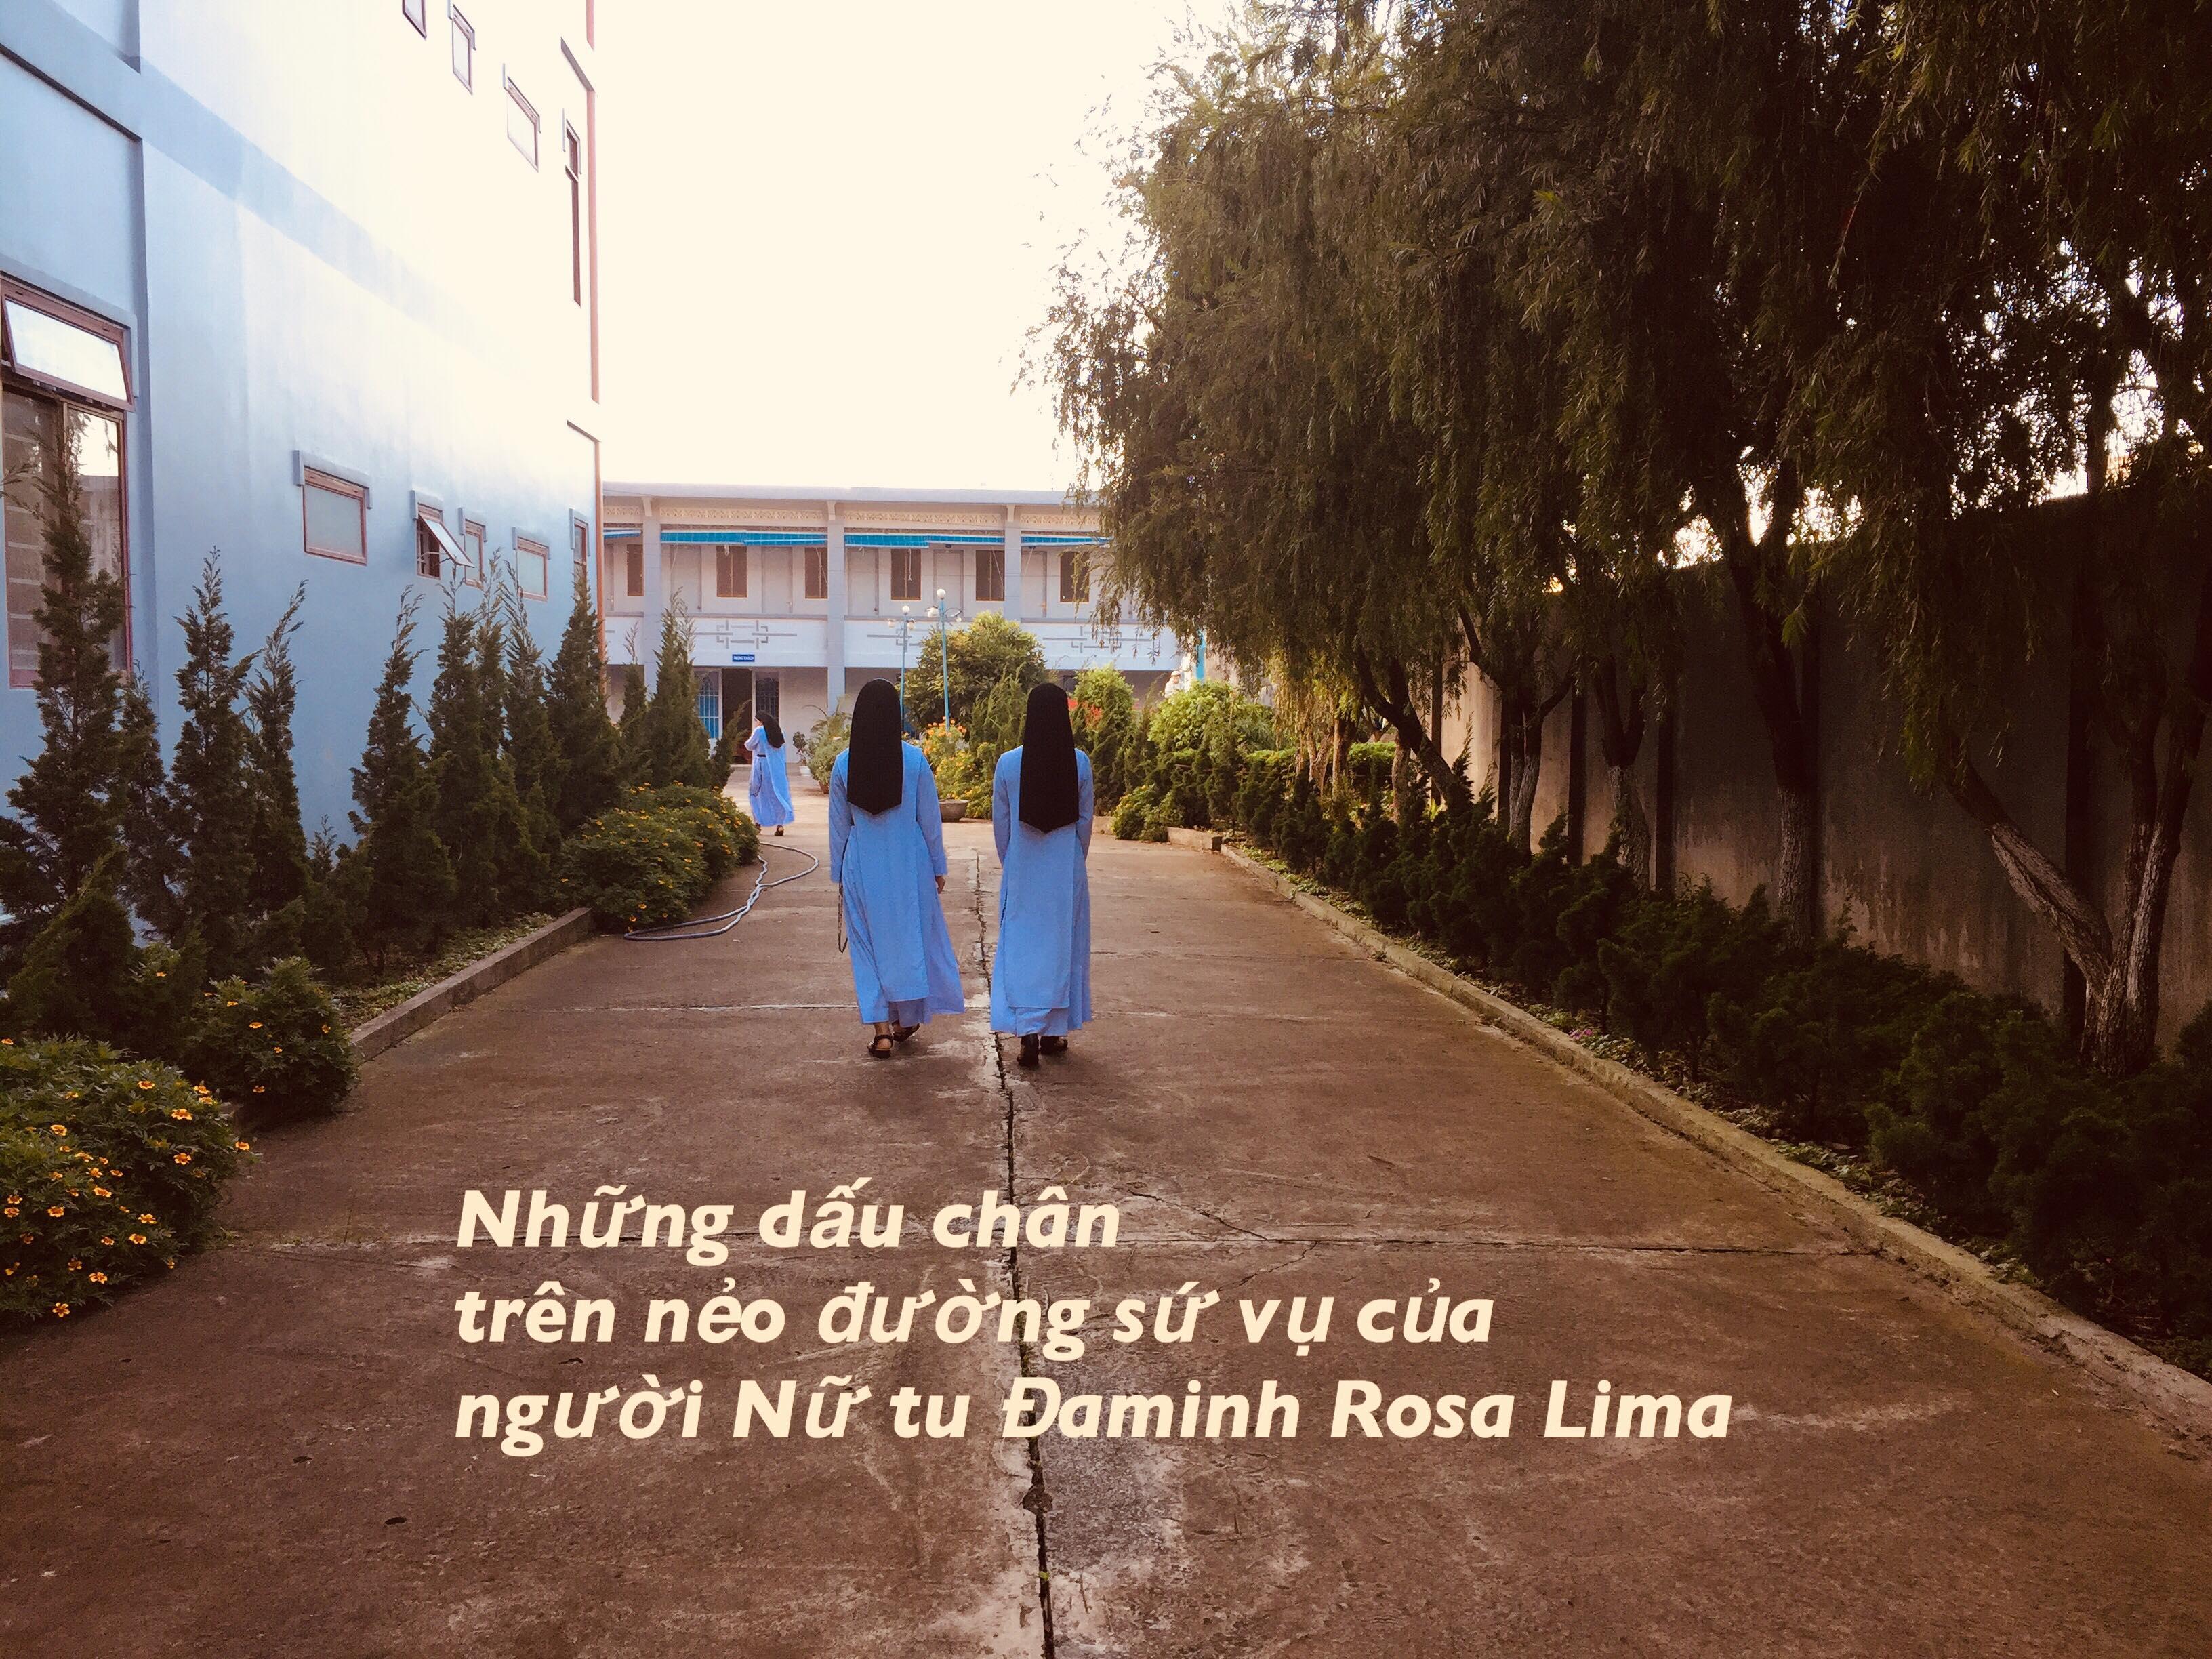 Những dấu chân trên nẻo đường sứ vụ của người Nữ tu Đaminh Rosa Lima